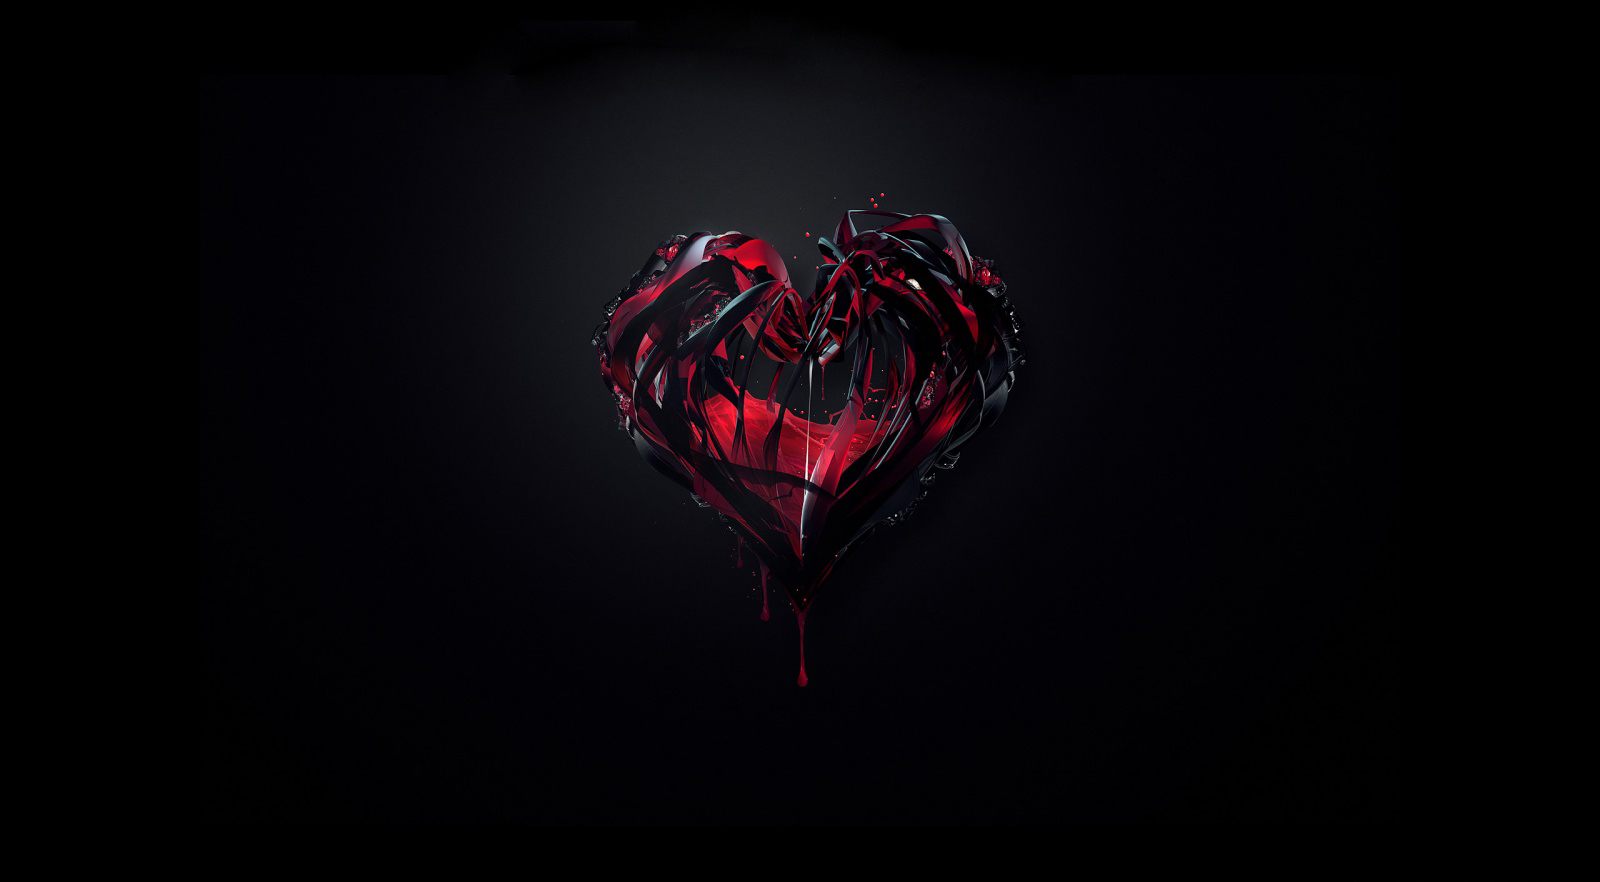 broken heart love images free download